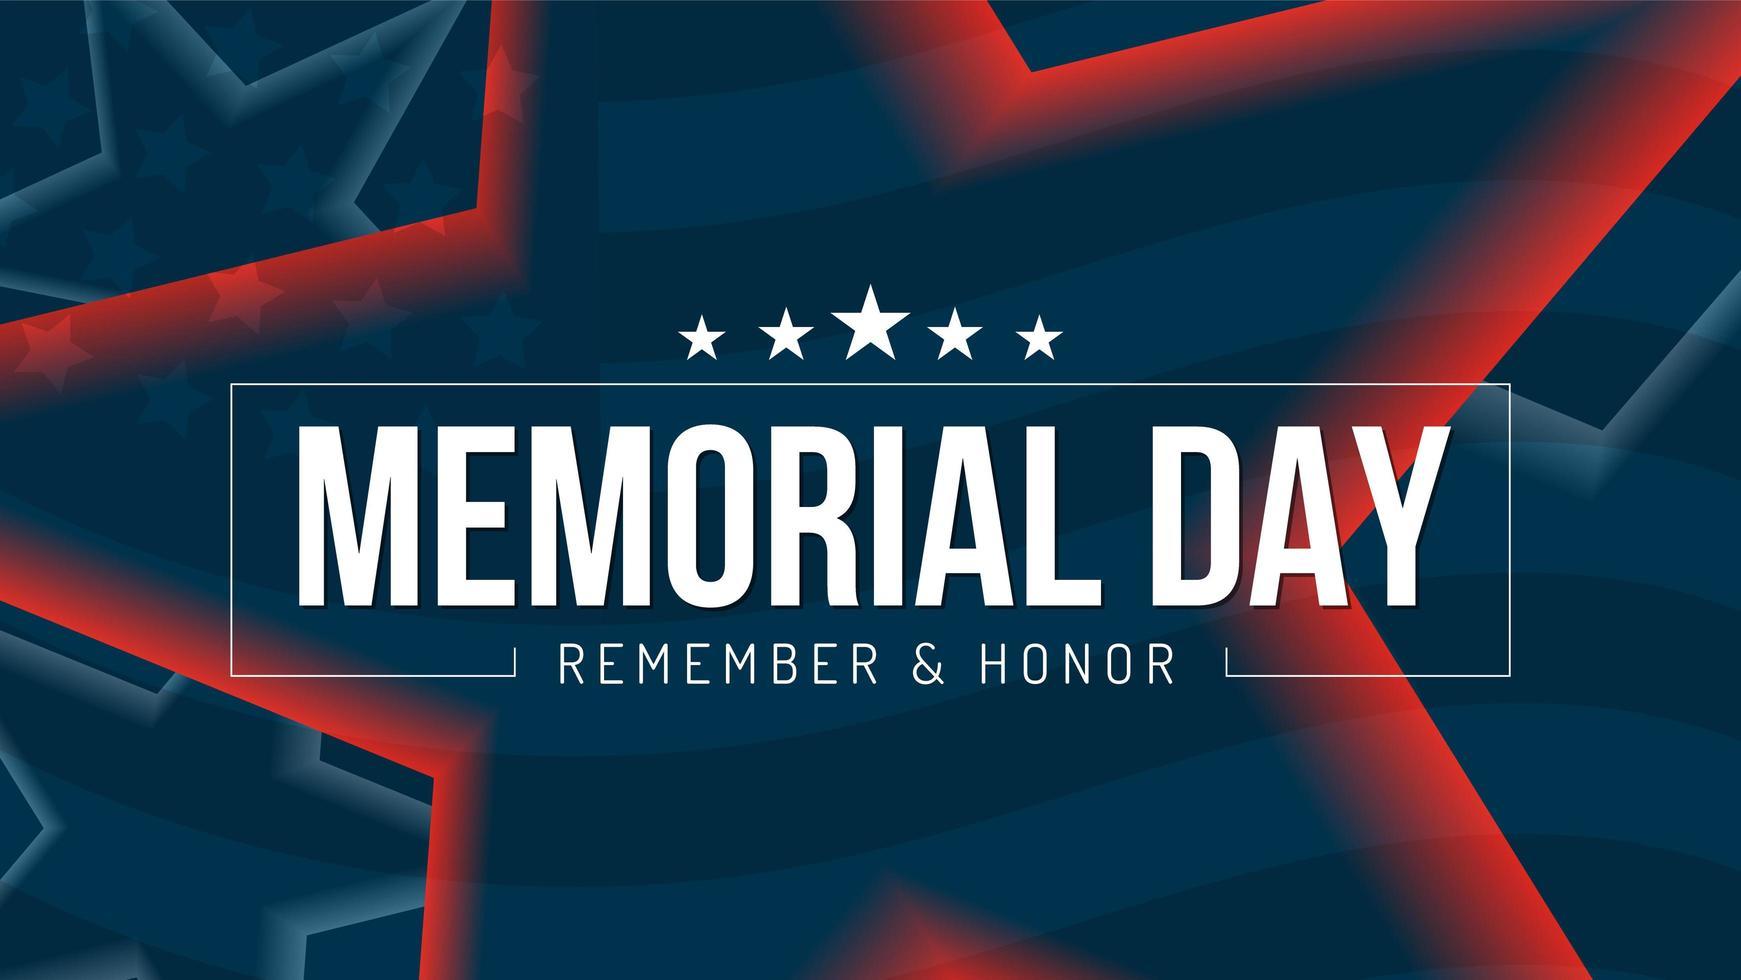 affiche du souvenir et de l'honneur du jour du souvenir avec des étoiles vecteur